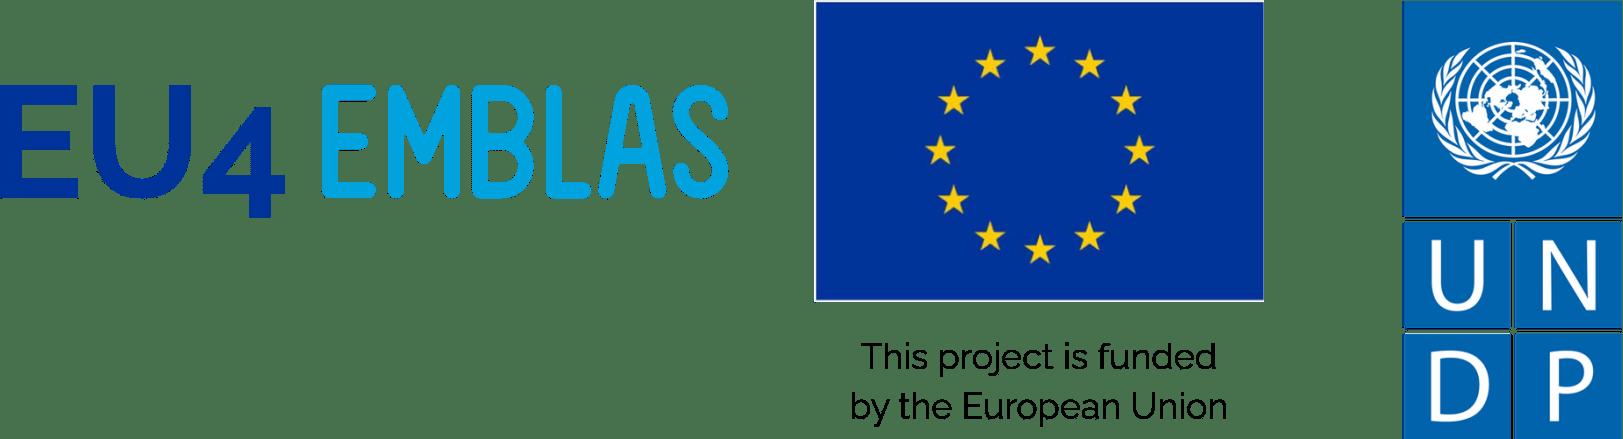 EMBLAS project